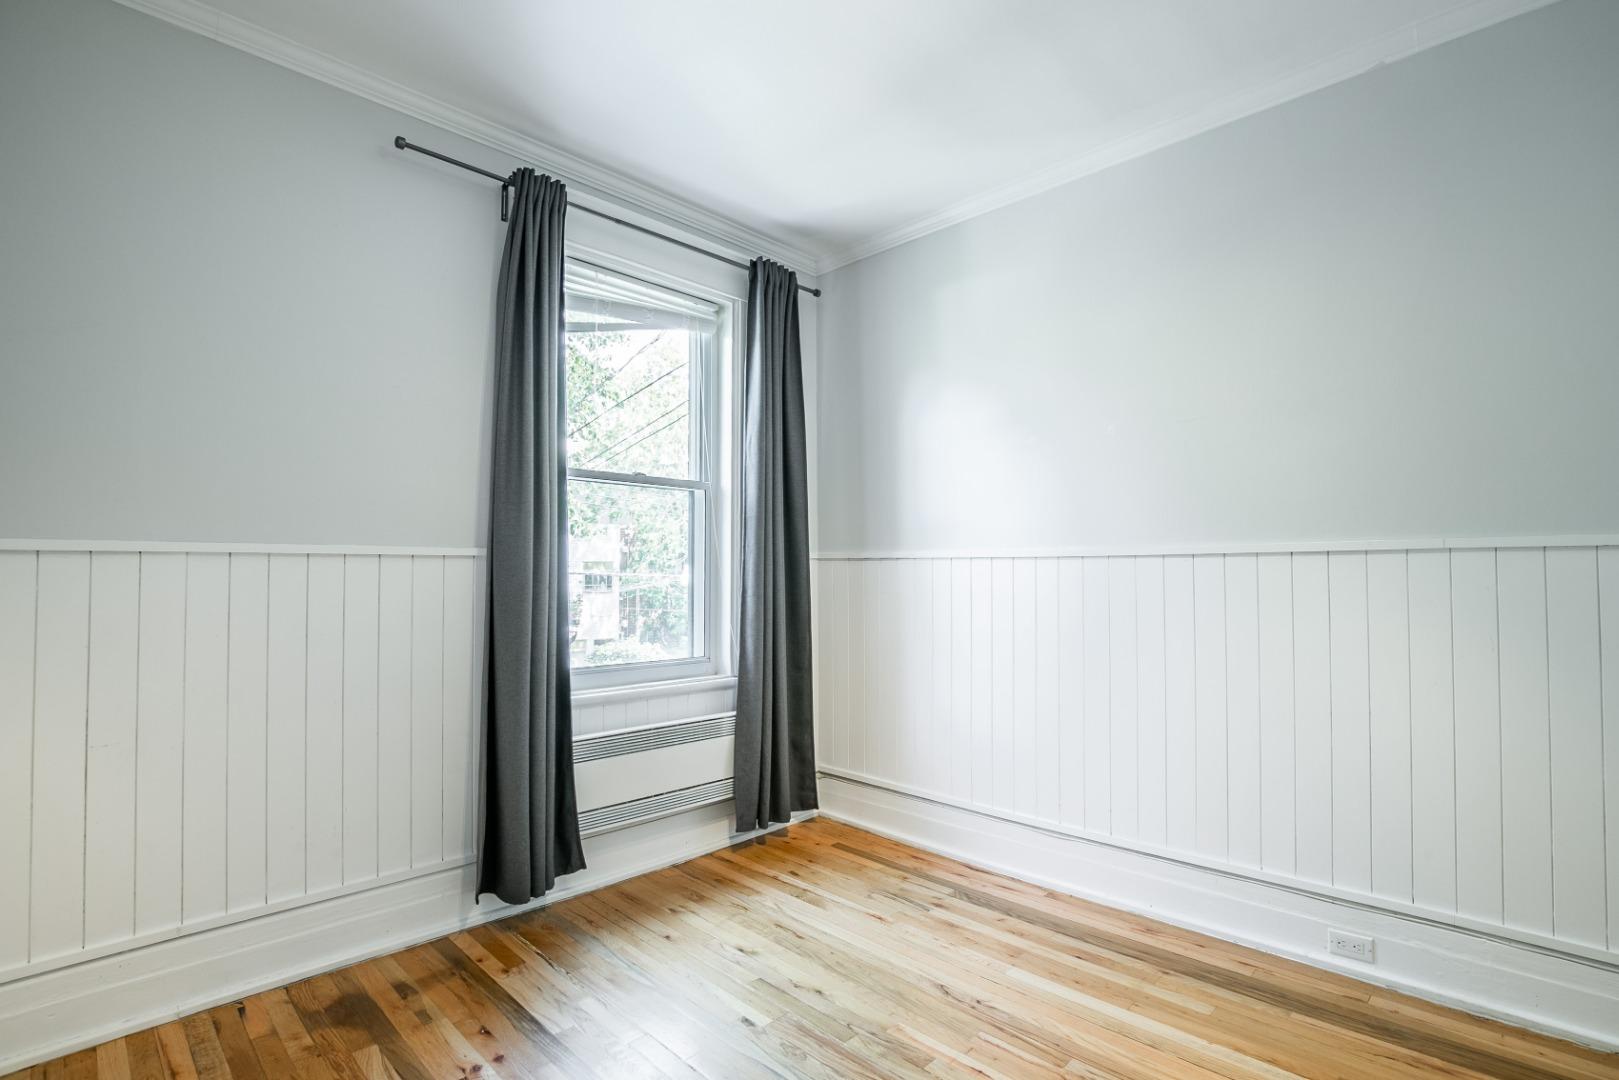 Appartement à louer Rosemont - 6403, rue de Bordeaux 17